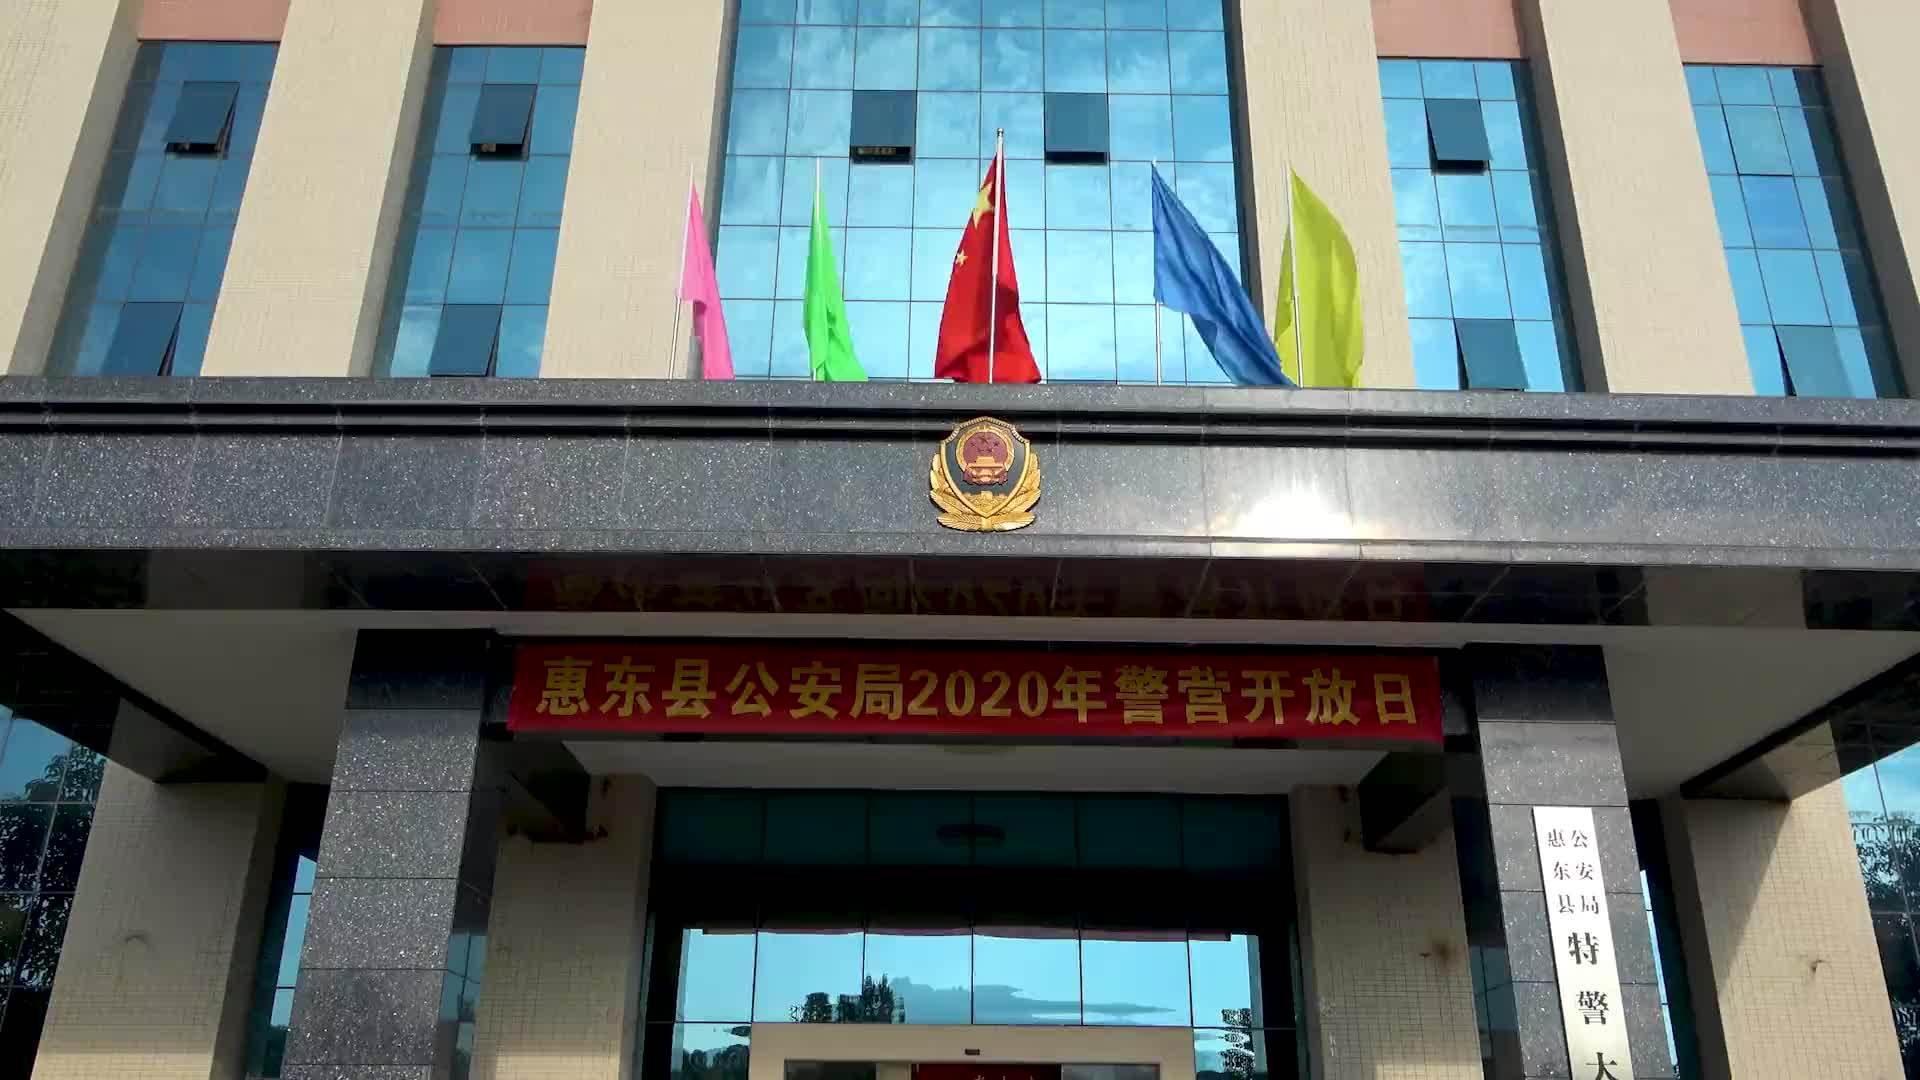 """走进警营开放日,惠州 惠东市民直呼:十足过了一把""""警察瘾""""!"""